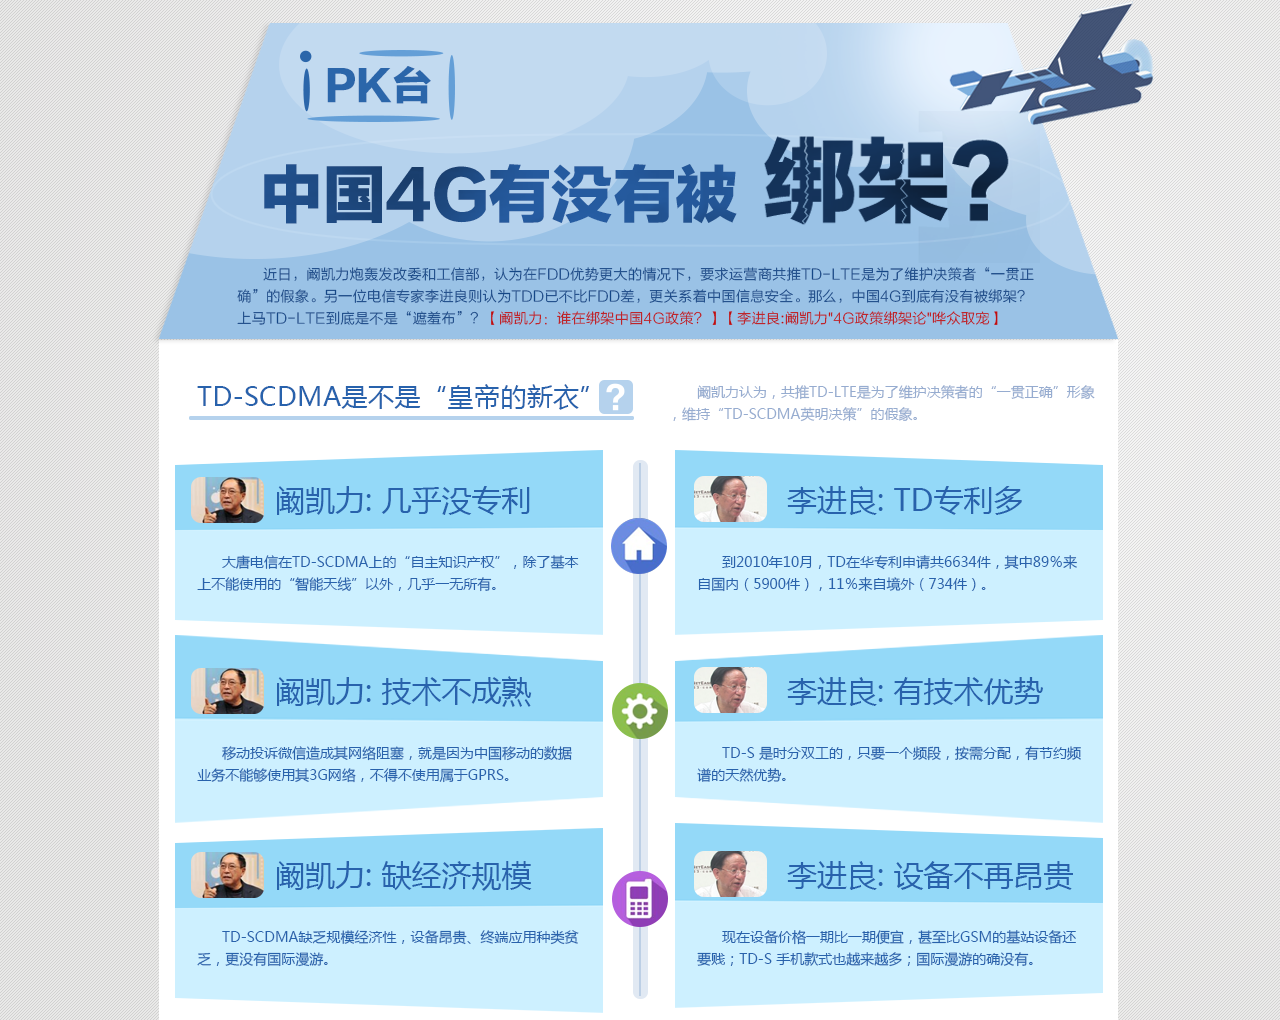 中国4G有没有被绑架?